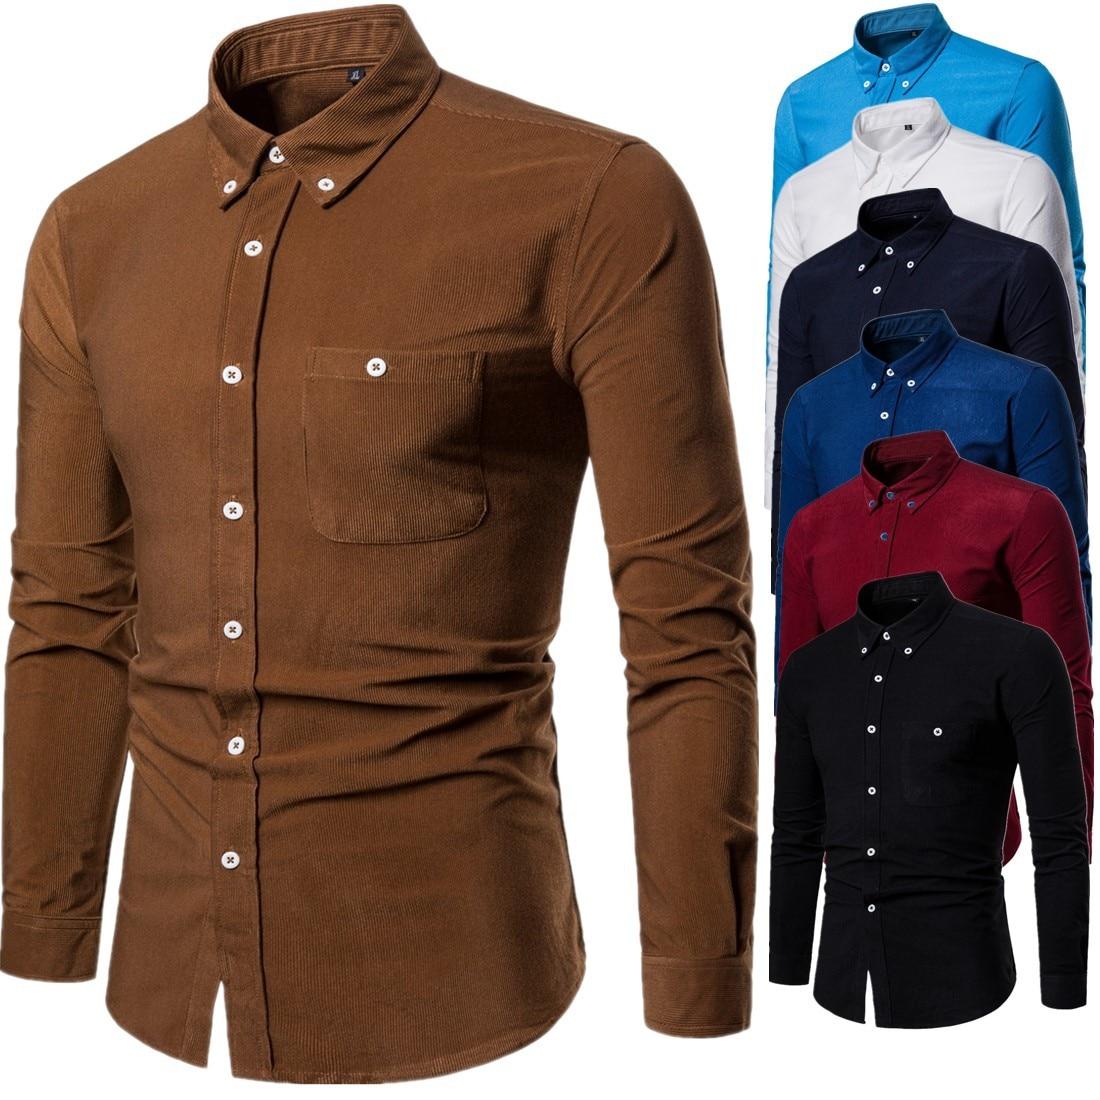 New Men's Business Long Sleeve Corduroy Shirt Fashion Men Cotton Trend Solid Color Lapel Shirt For Male Autumn Winter M-5XL